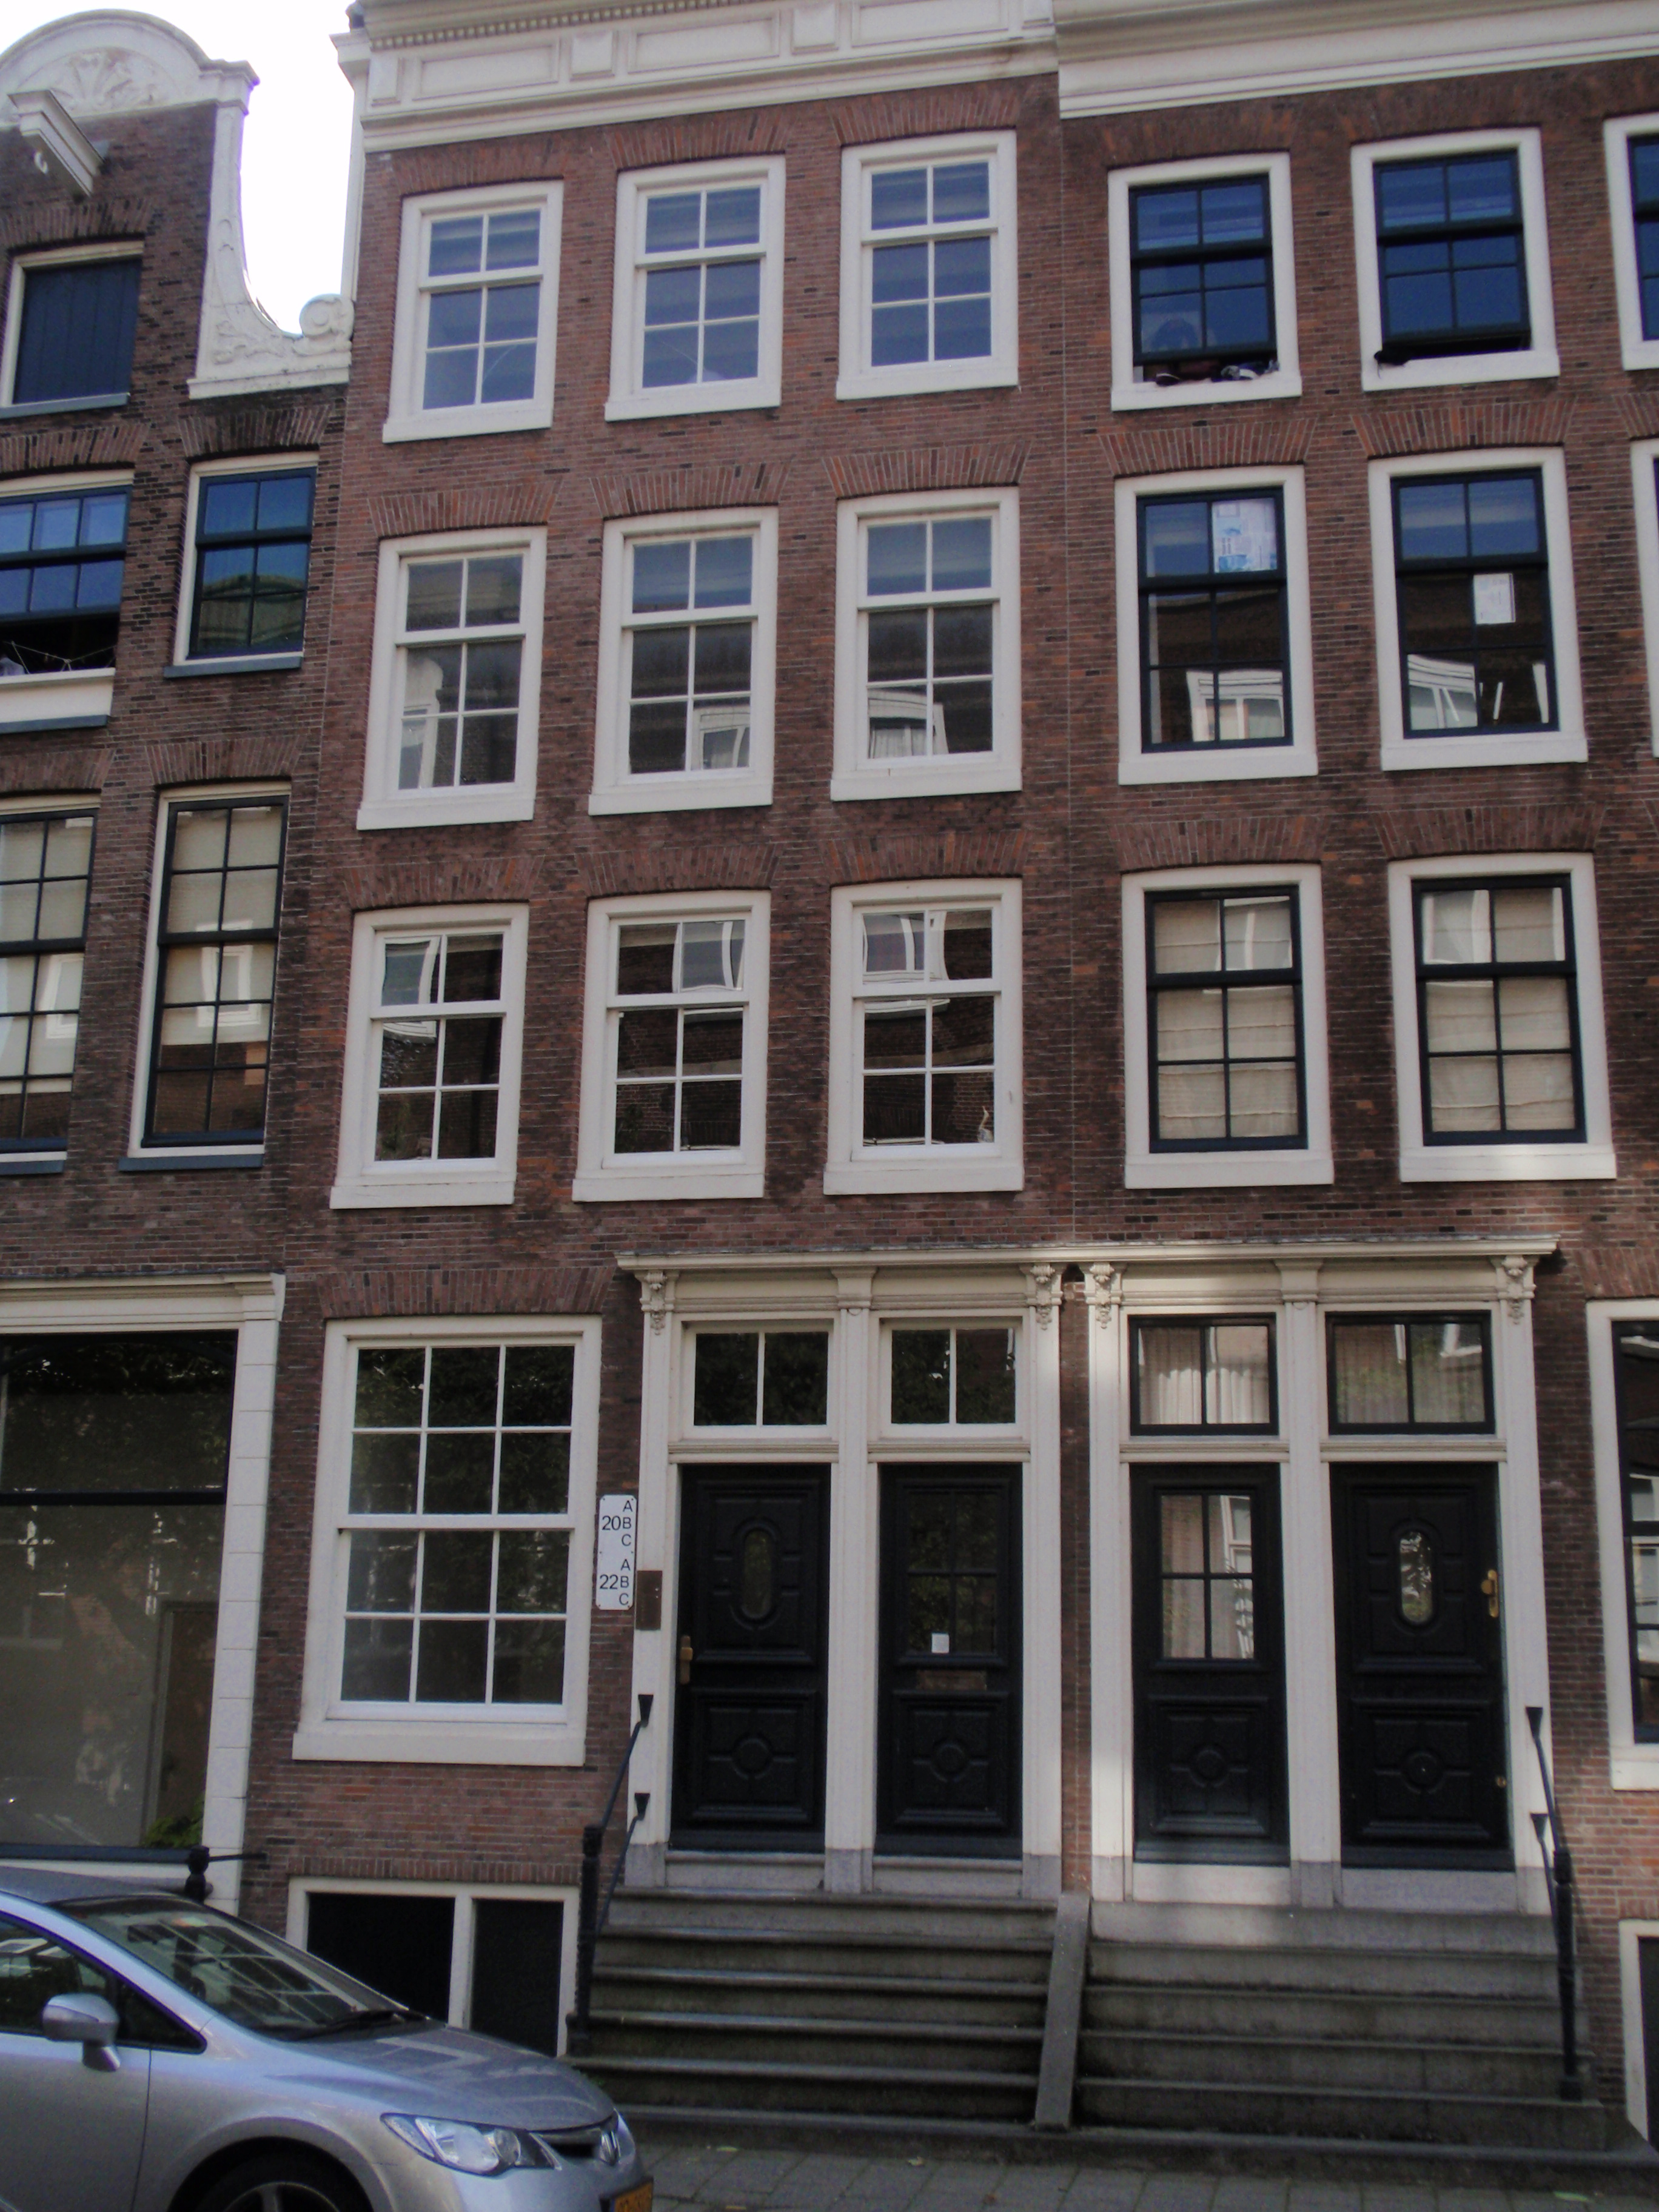 Huis met gevel oorspronkelijk halsgevel in amsterdam monument - Huis gevel ...